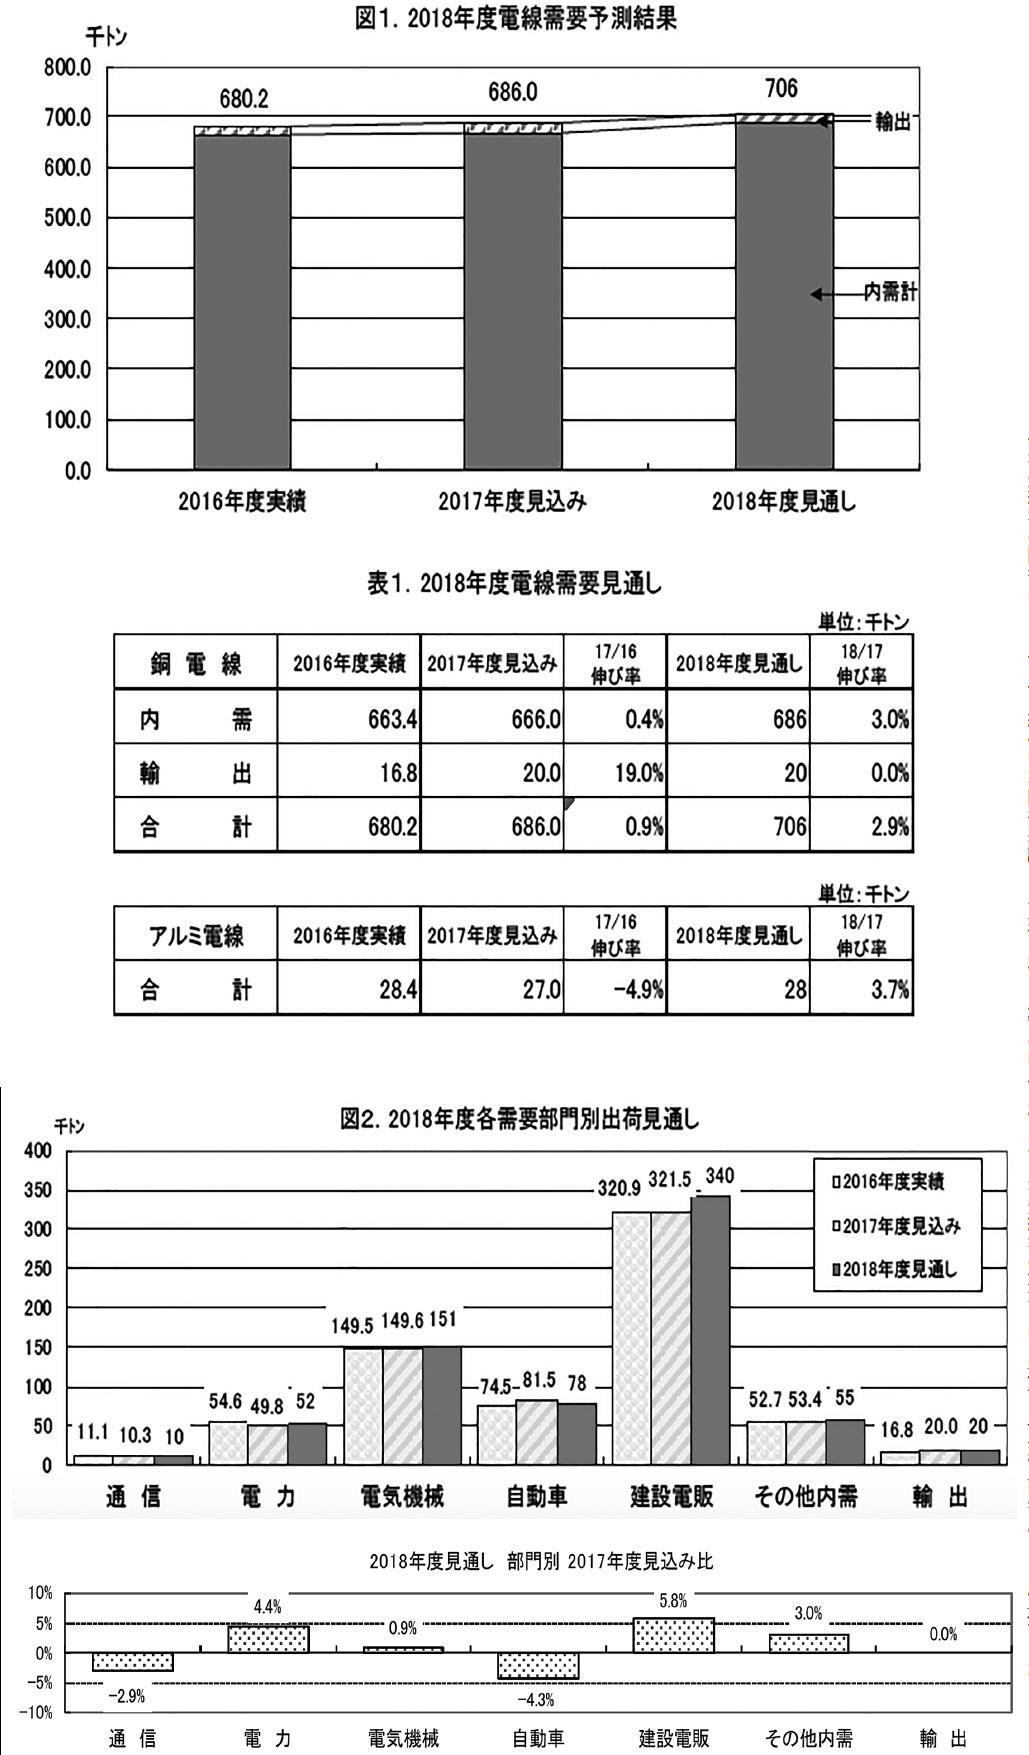 日本電線工業会2018年度電線需要見通し 銅電線出荷量4年ぶりに70万トン超への画像